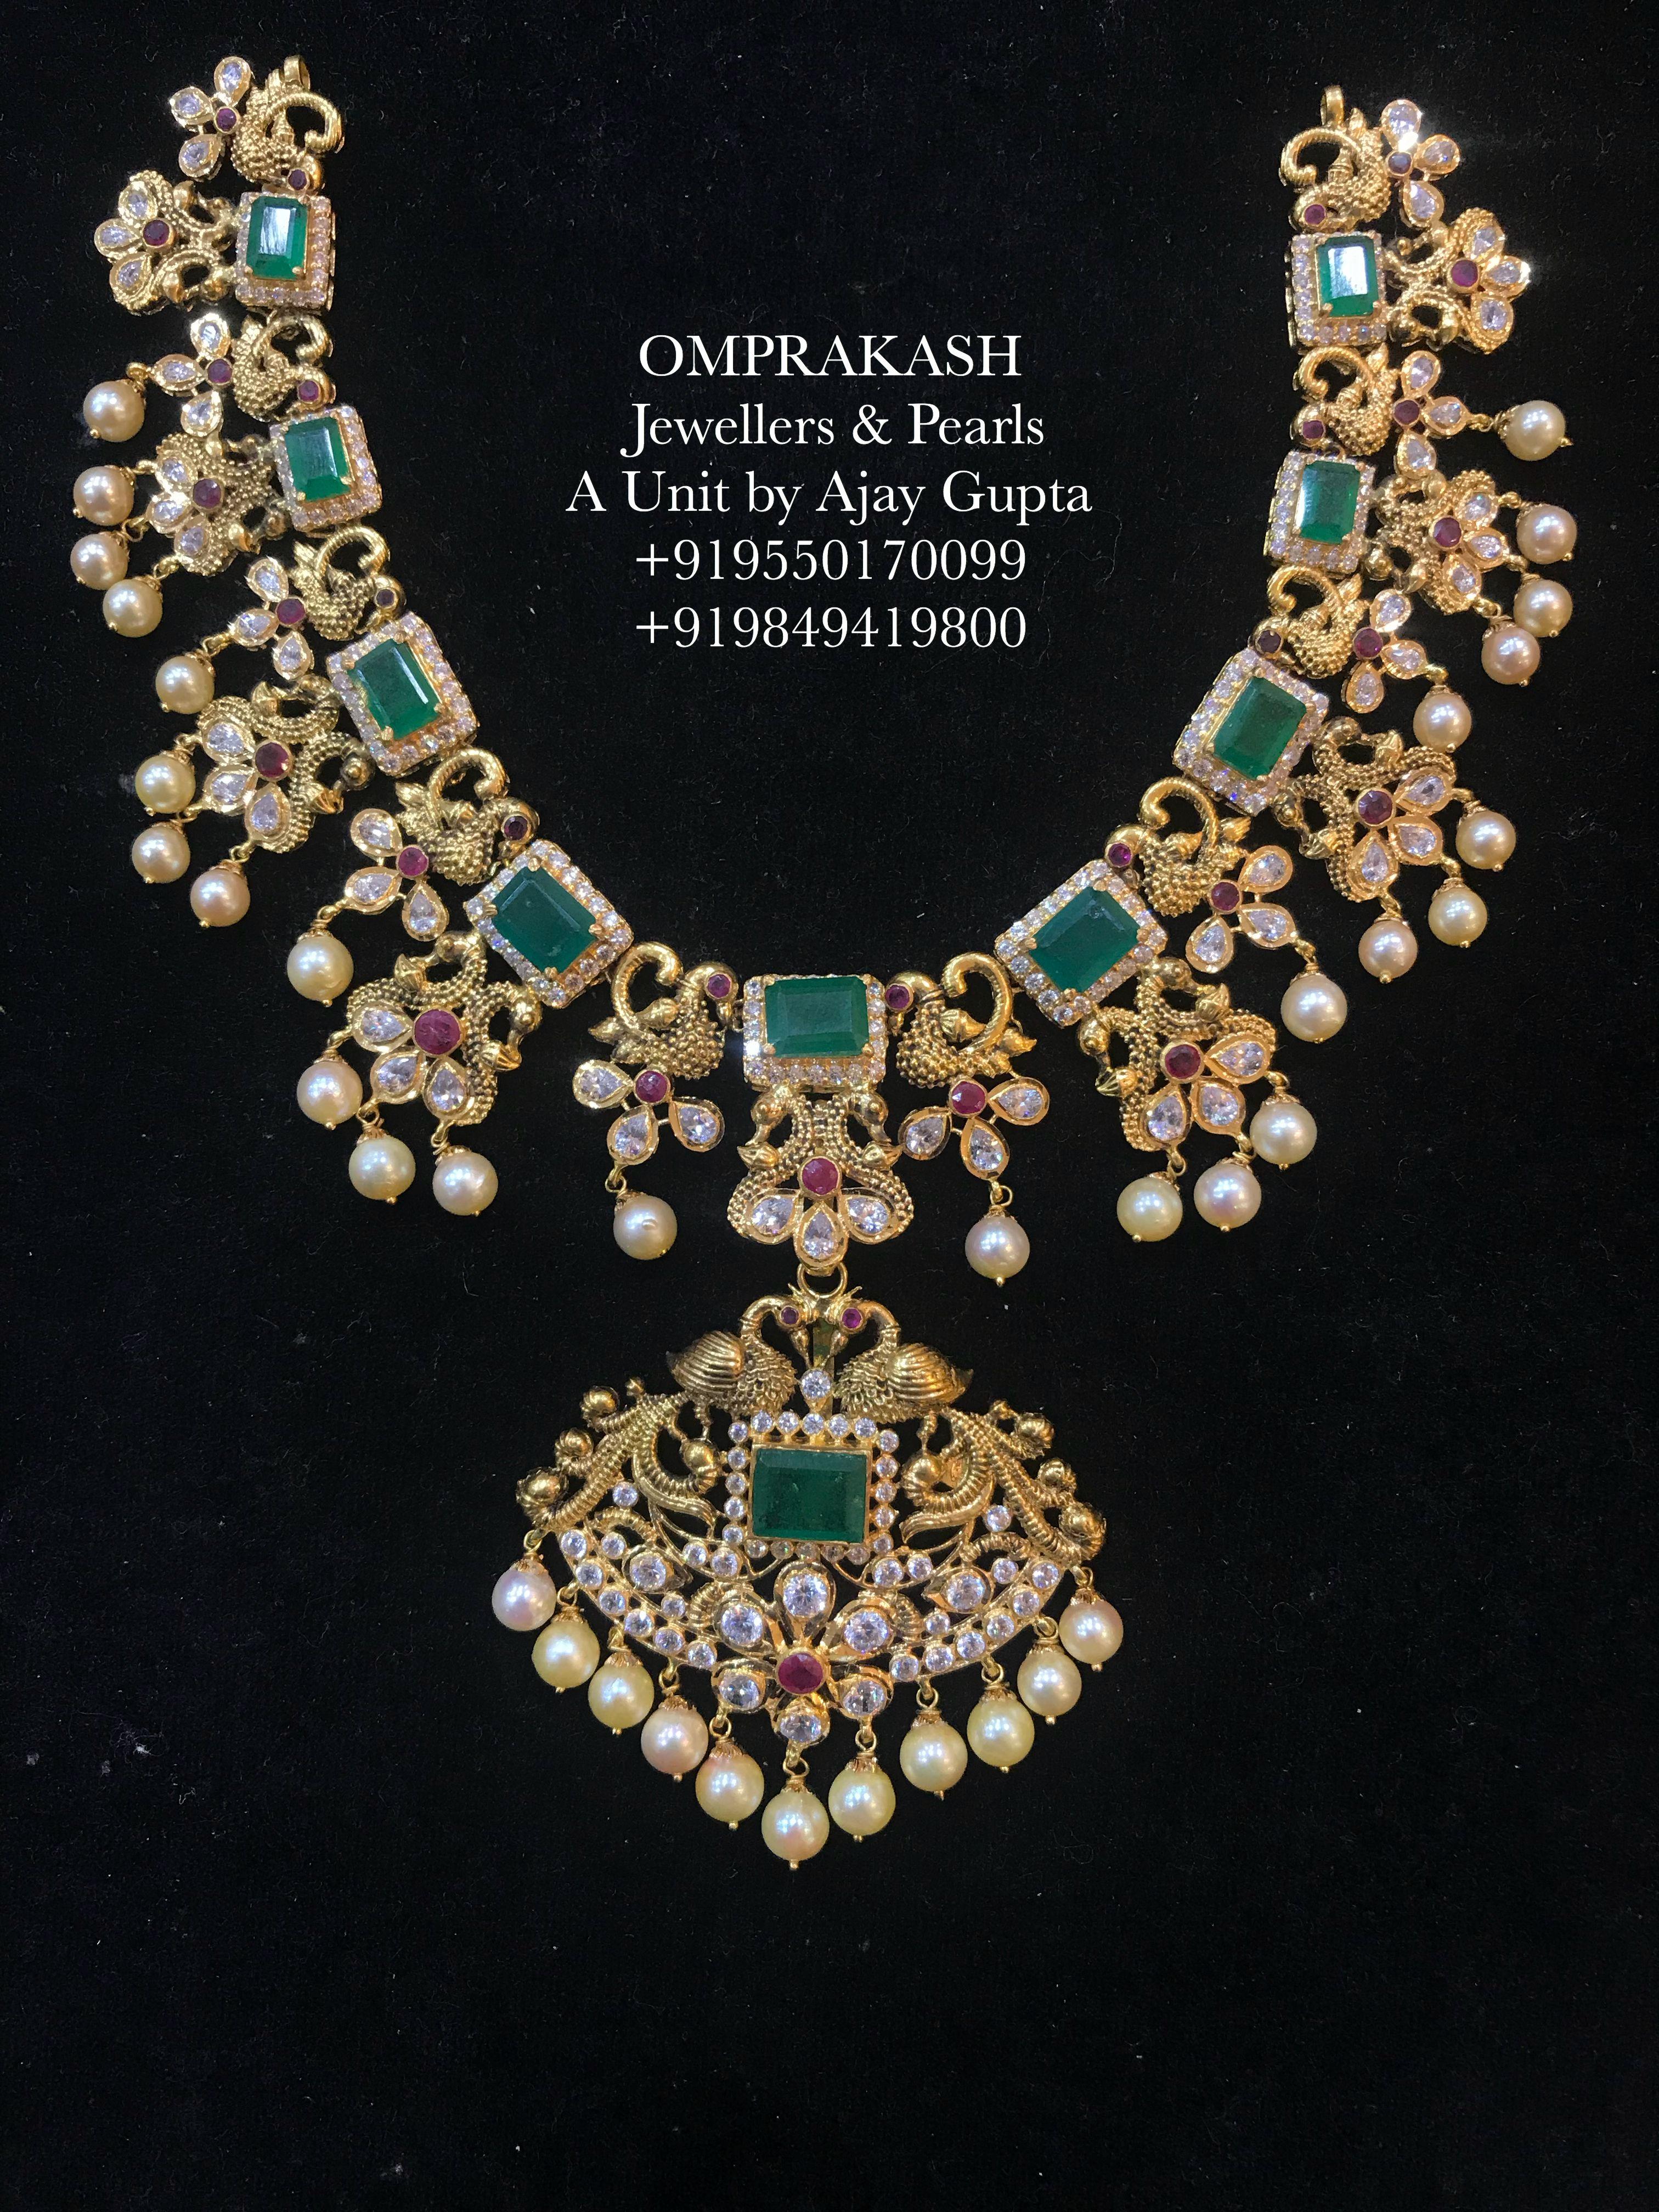 80cf1bb64 Omprakash Jewellers   Pearls